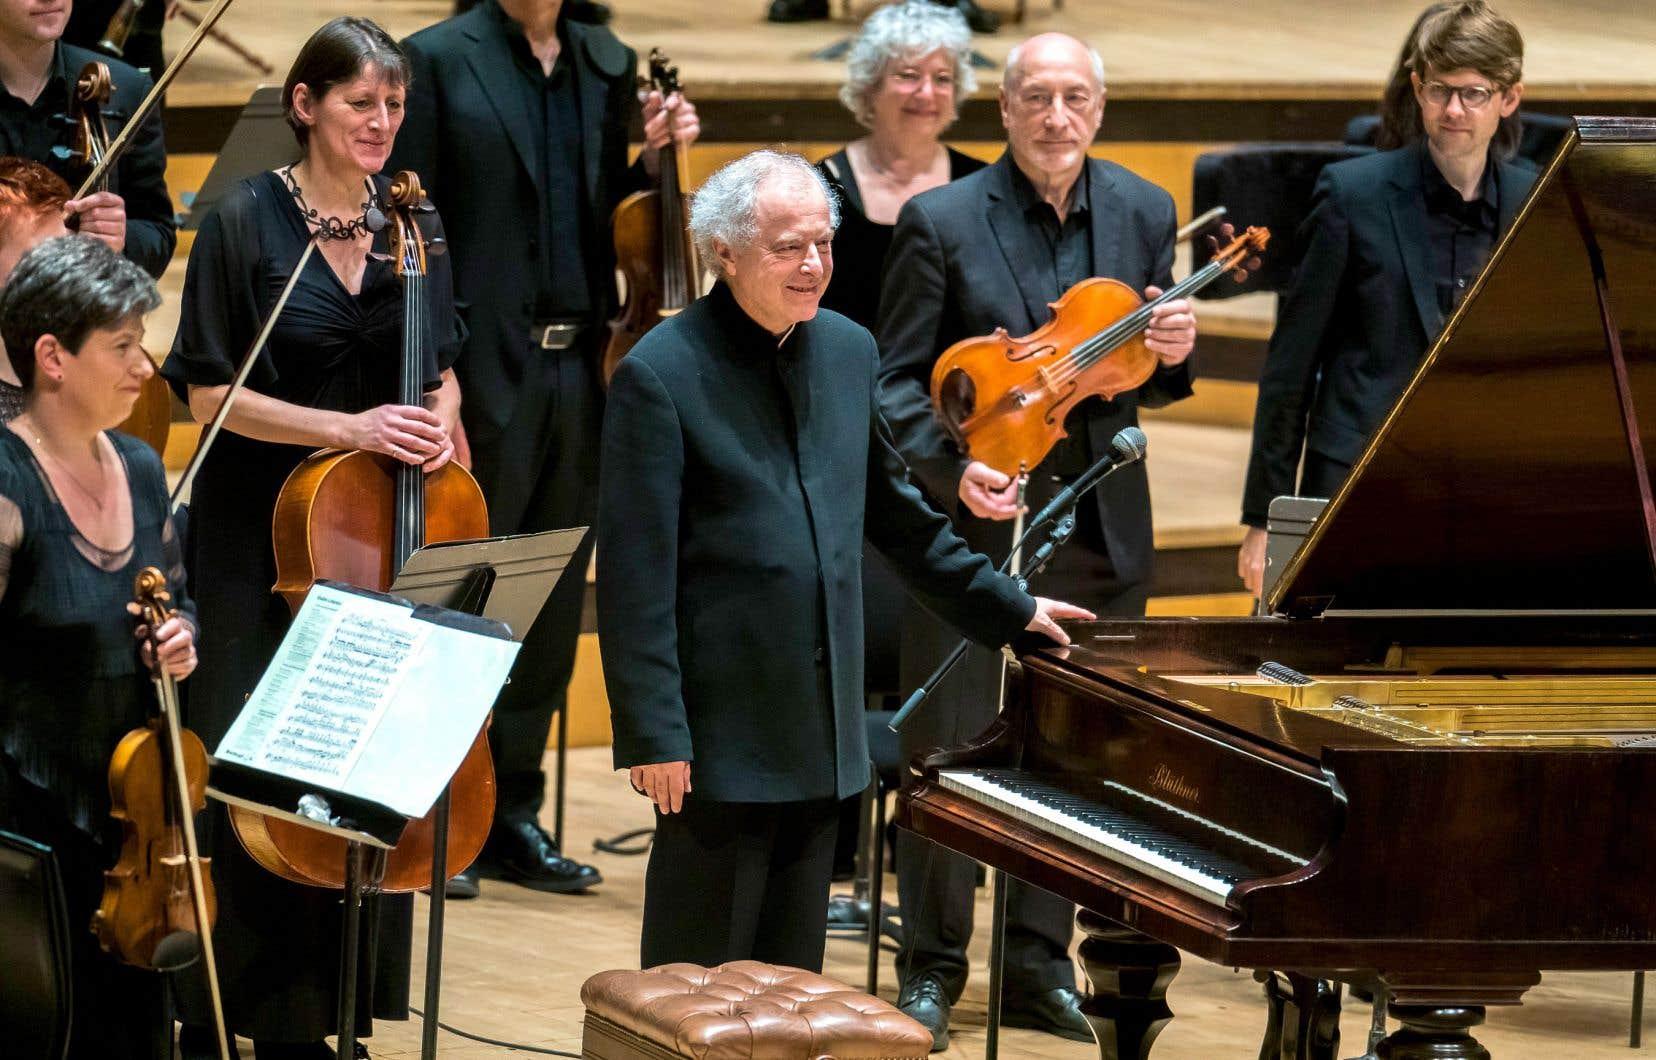 Si András Schiff bouleverse notre écoute des concertos de Brahms, c'est parce qu'il opère en premier lieu une révolution par le son. Son piano est un Blüthner de 1859, l'époque des concertos. Il a choisi comme partenaire The Orchestra of the Age of Enlightenment. Cette formation joue dans la configuration dont Brahms disposait à Meiningen, soit 50 musiciens.